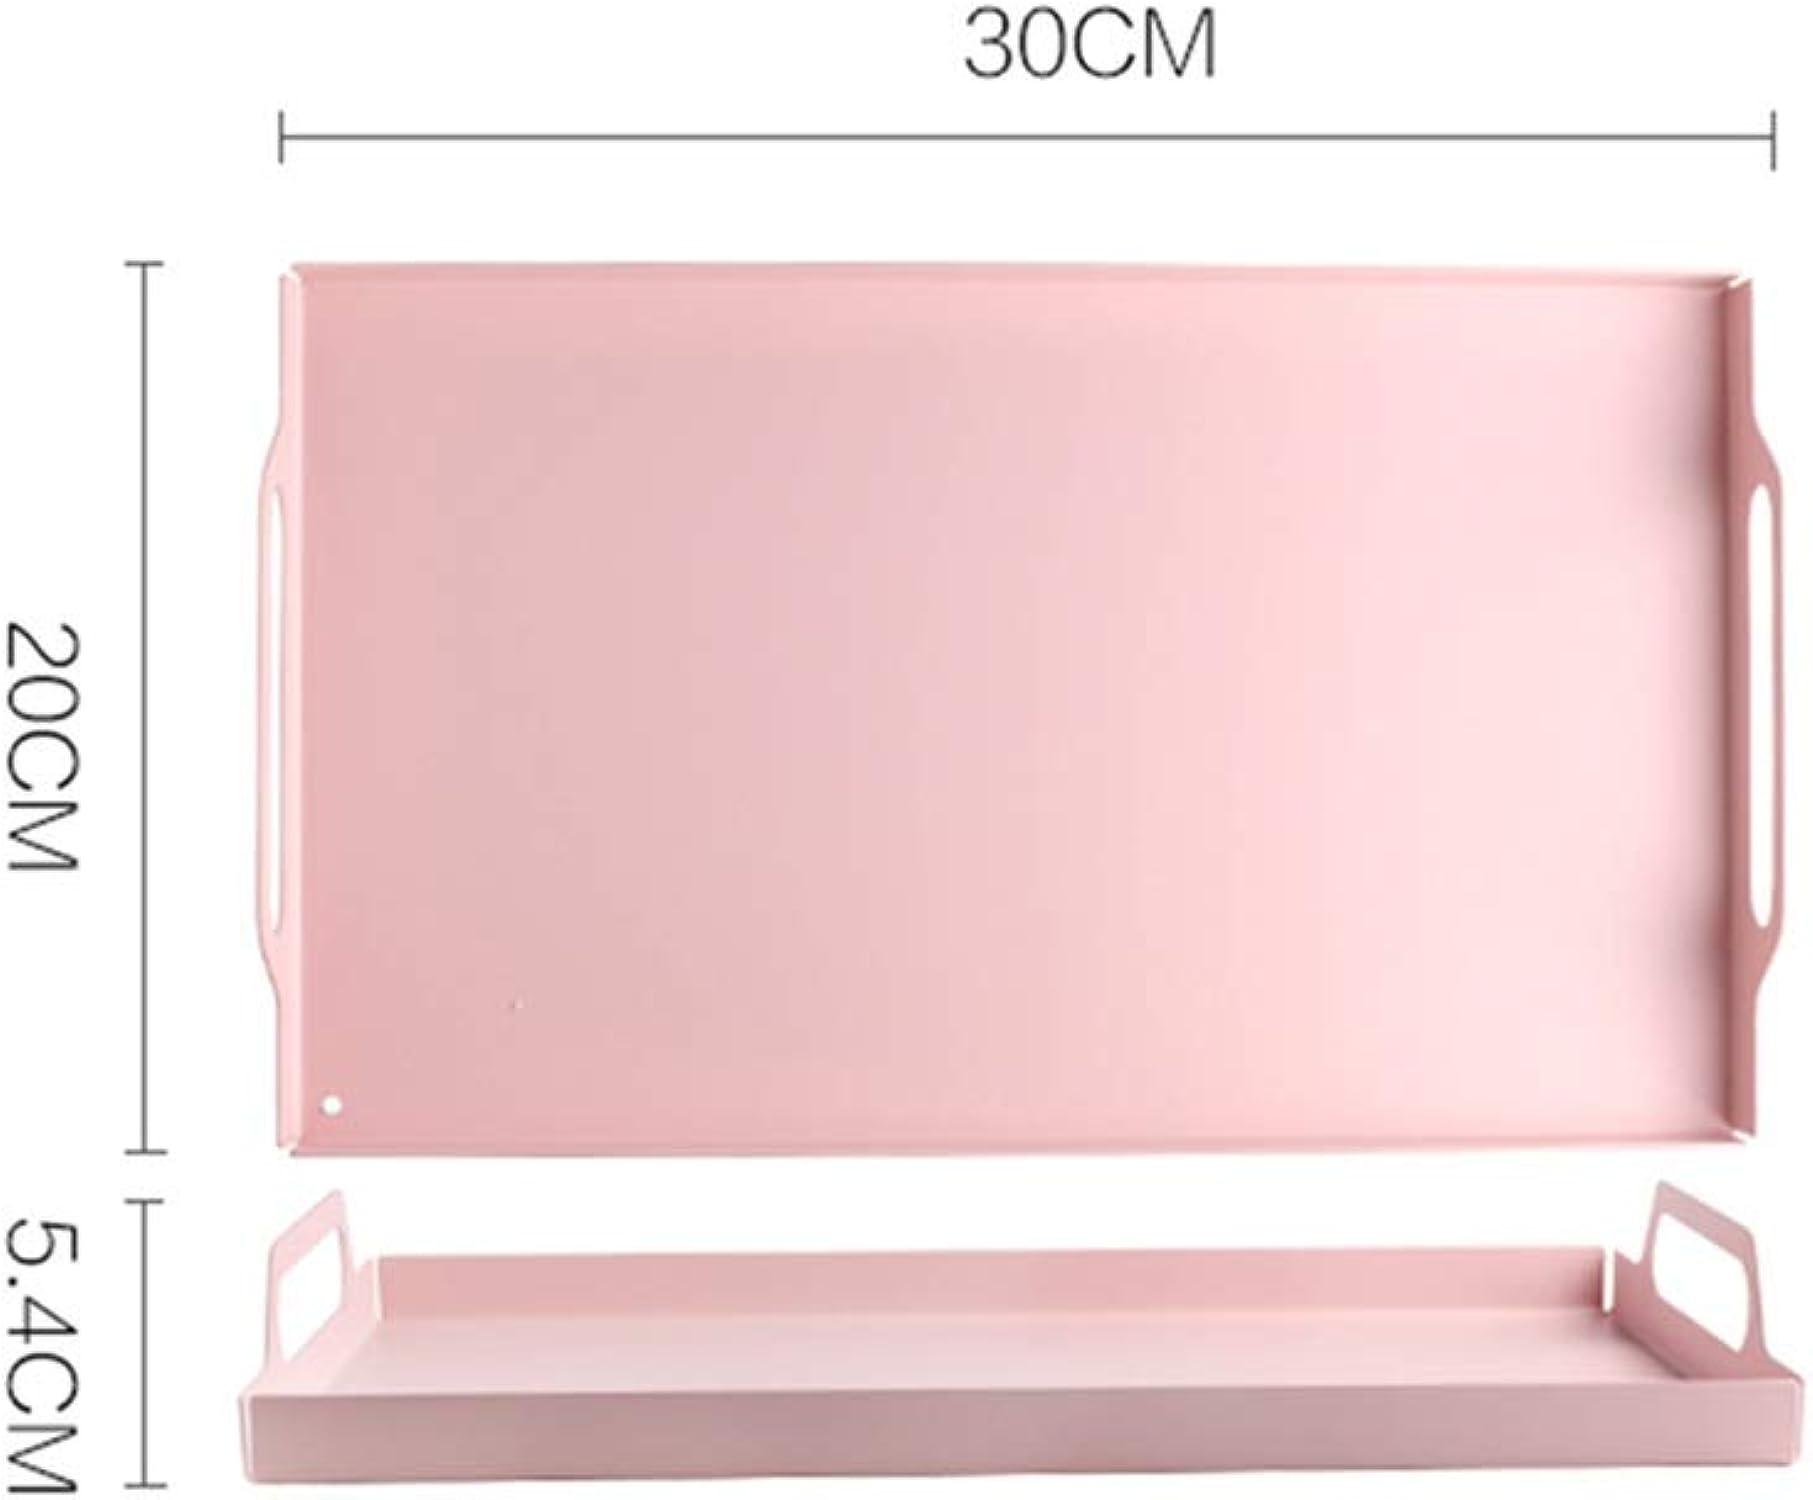 Plateau rectangulaire - Multi-fonctions avec poignée Rose Plateau en acier inoxydable massif antidérapant pour le petit-déjeuner Plateau de service à thé (Taille   30  20  5.4cm)